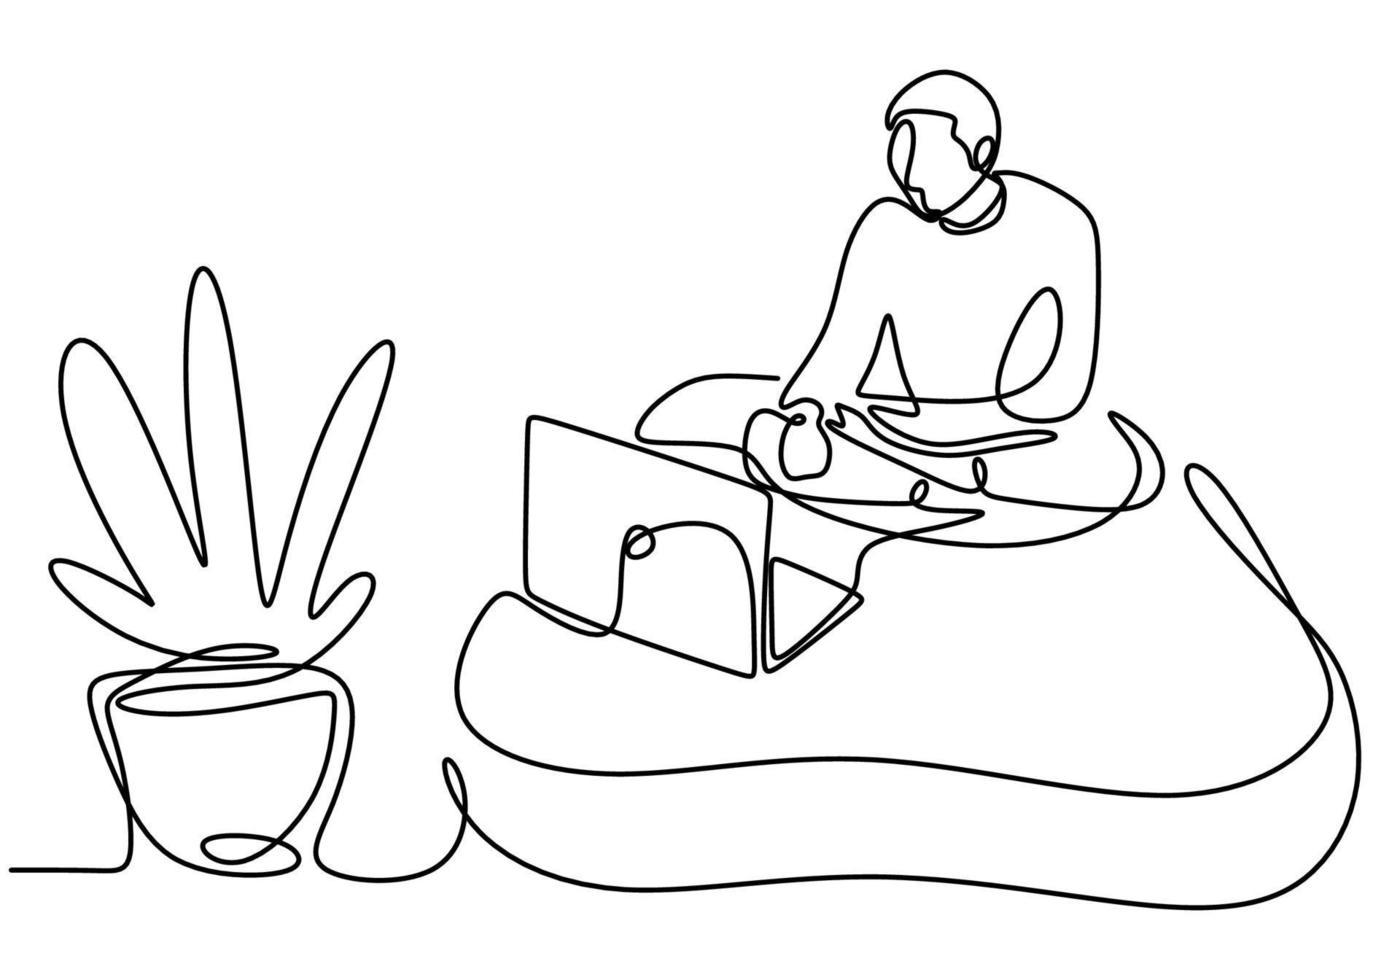 um desenho de linha contínua de uma menina sentada em seu sofá. vetor